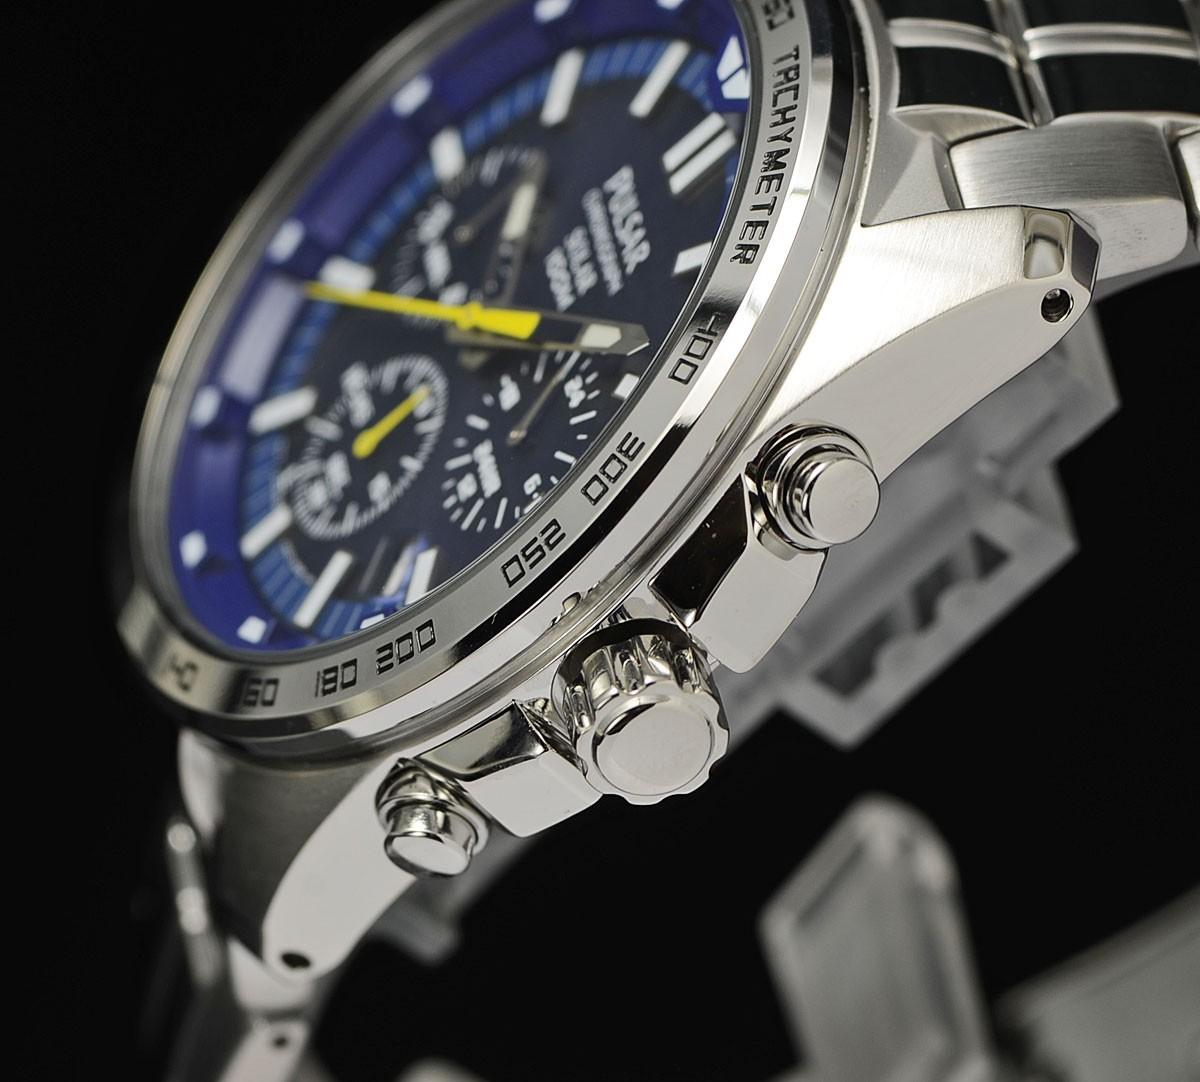 【ソーラー】セイコーPULSAR世界ラリー選手権WRCモデル逆輸入100m防水クロノグラフ腕時計メンズ新品未使用PZ5001X1激レア日本未発売_画像9